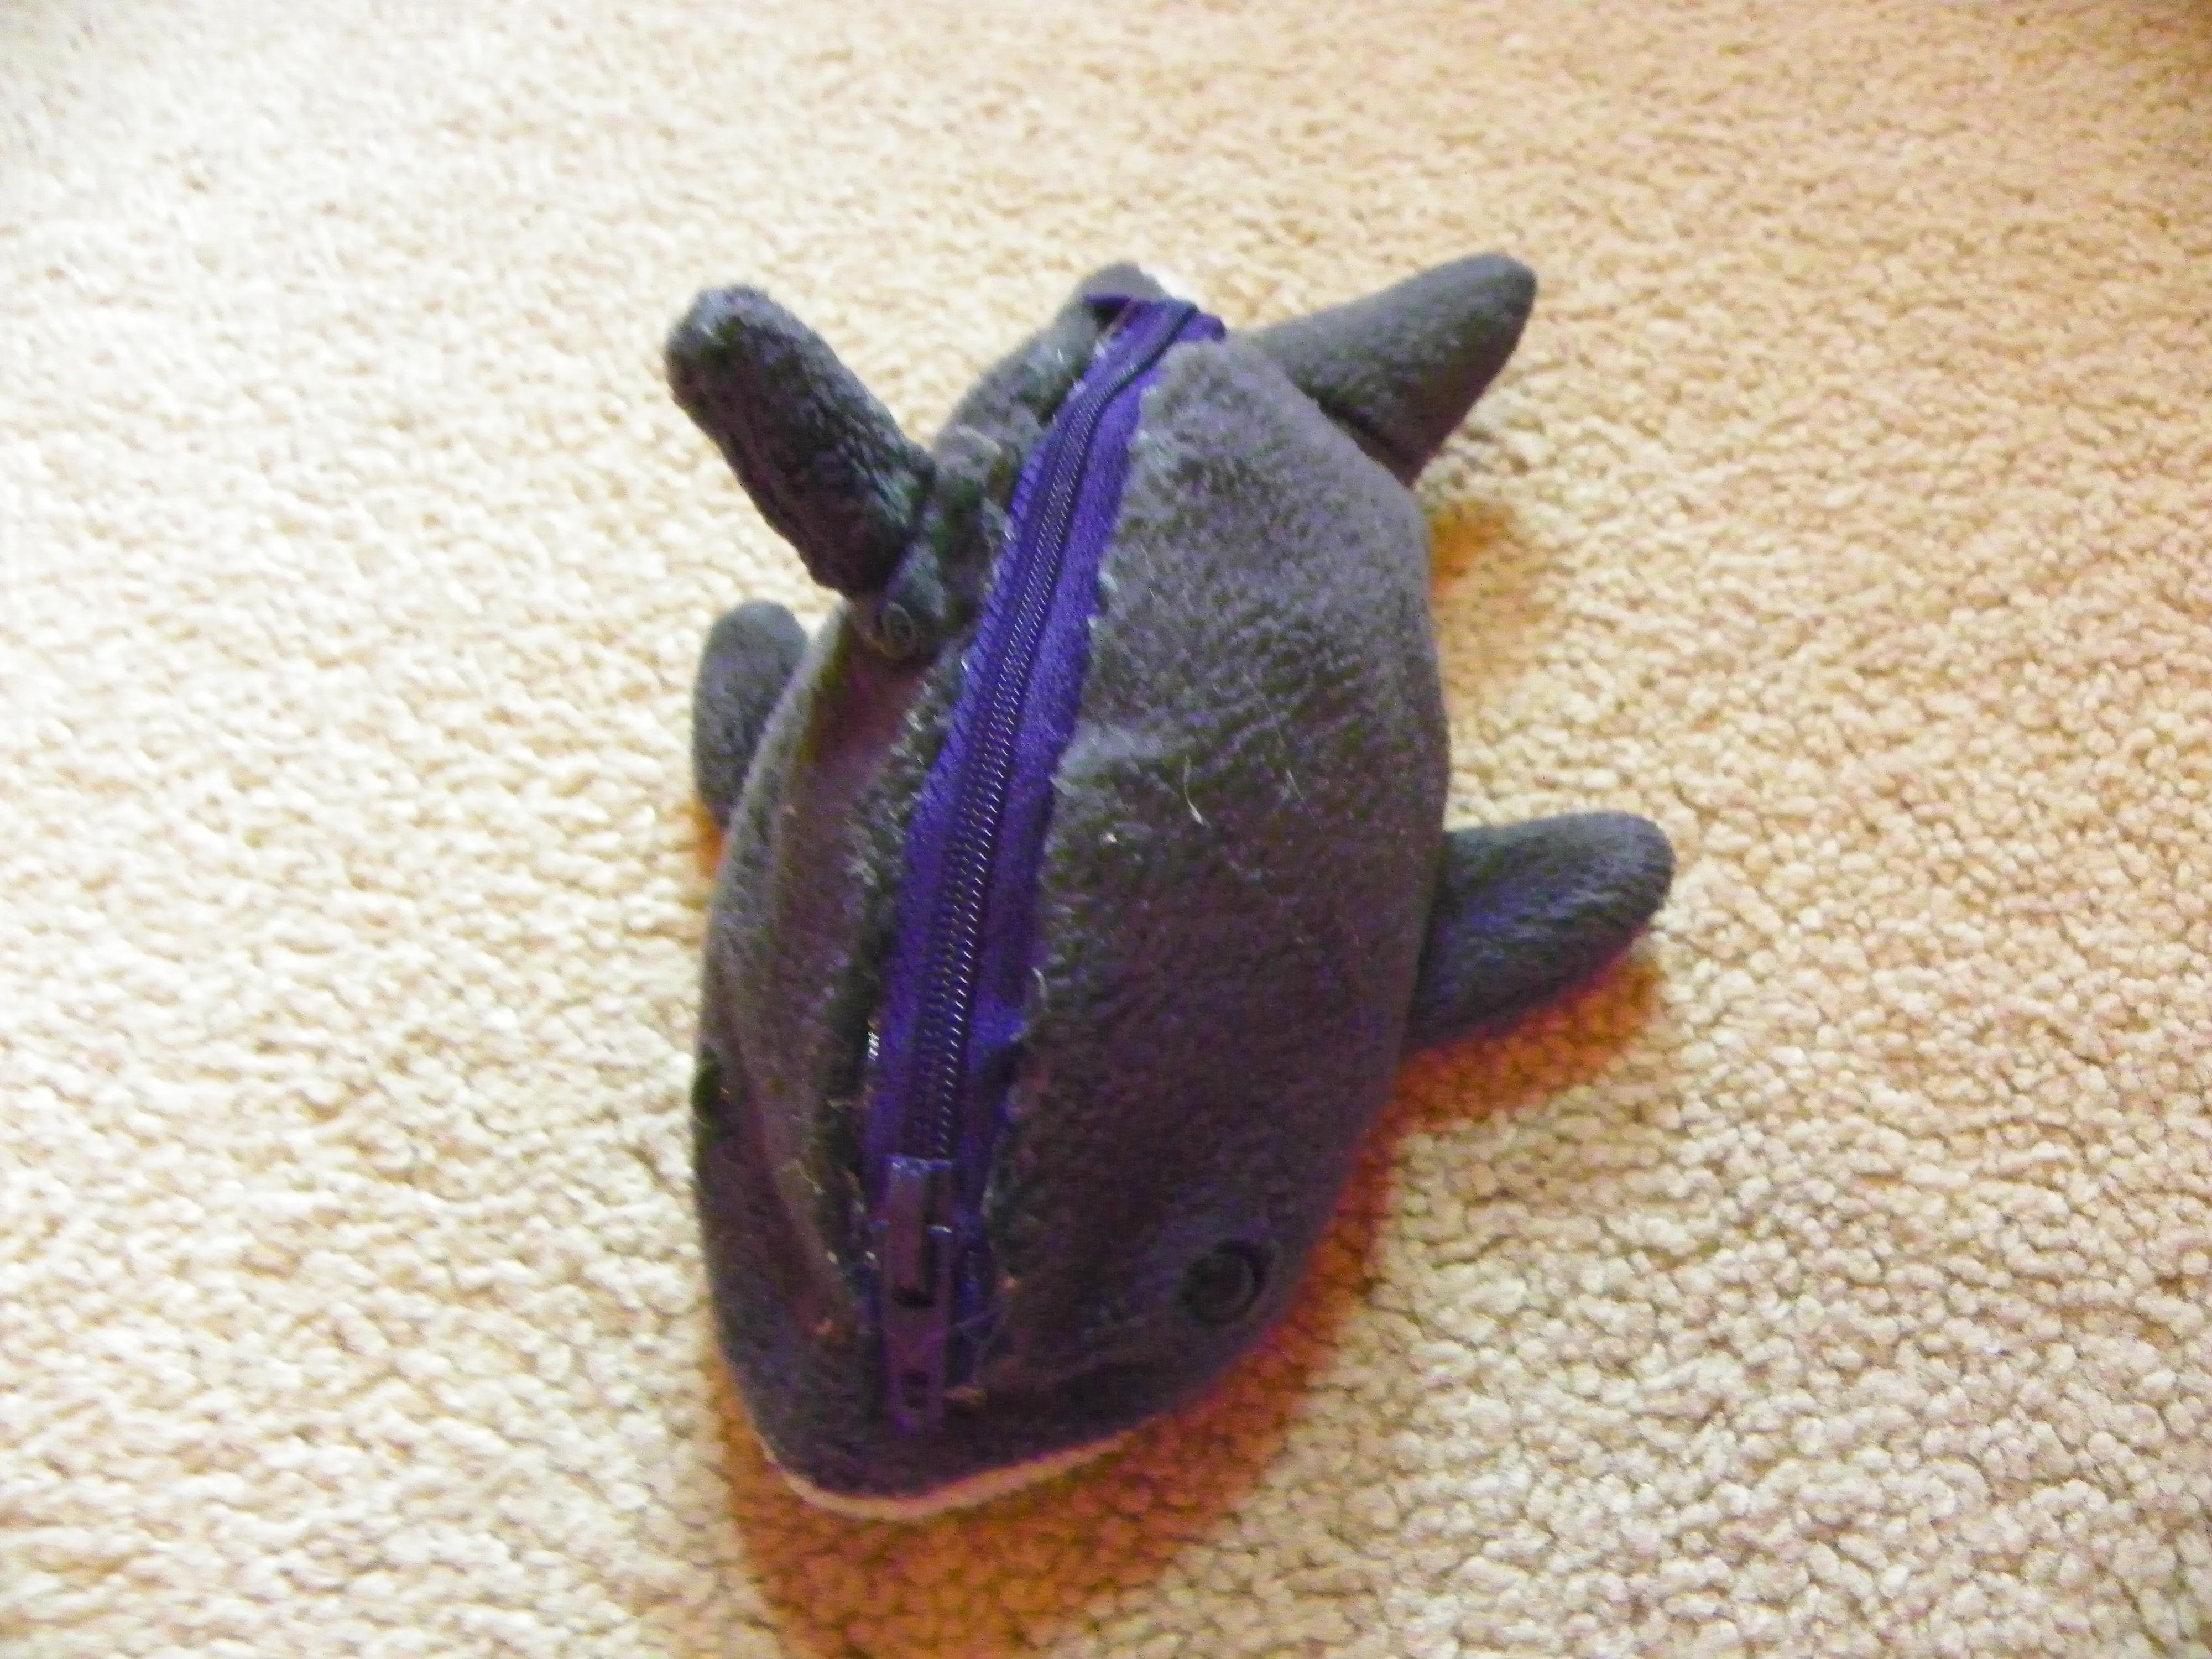 Cute stuffed animal change purse!